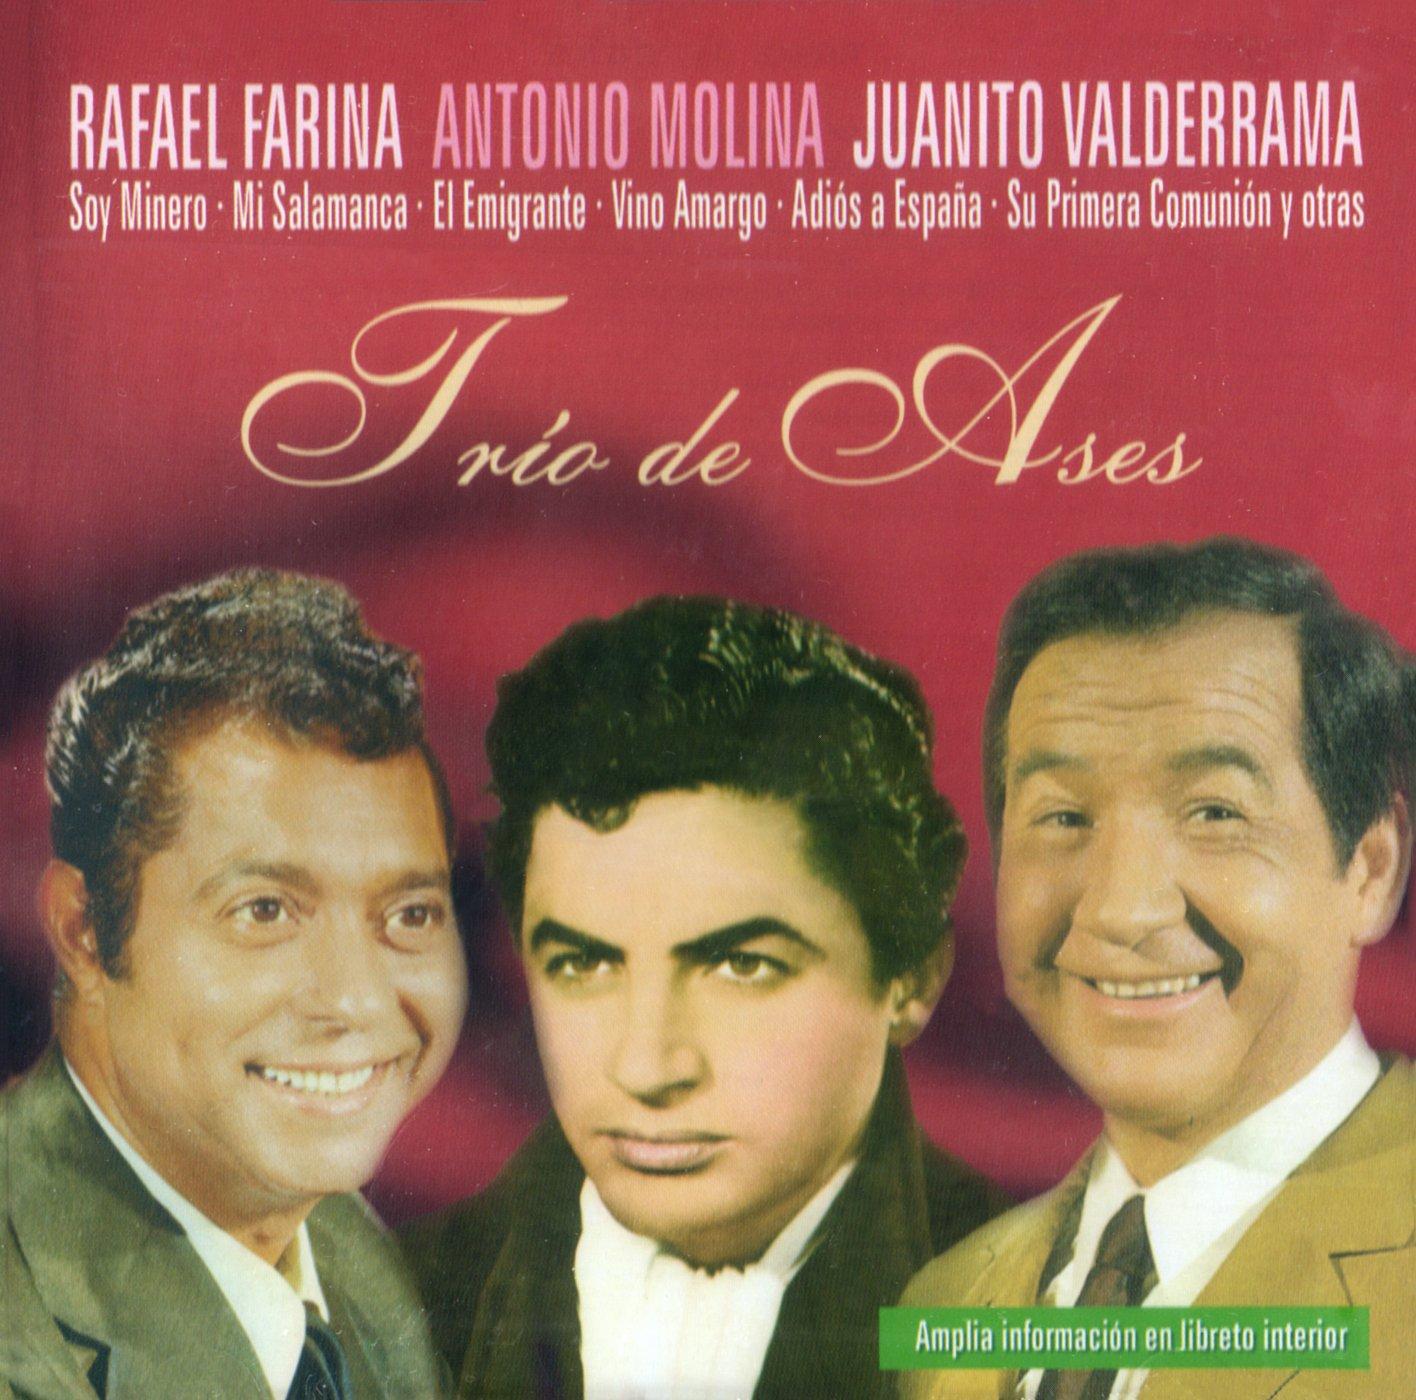 Trío de Ases 1: Rafael Farina, Antonio Molina y Juanito Valderrama: Amazon.es: Música